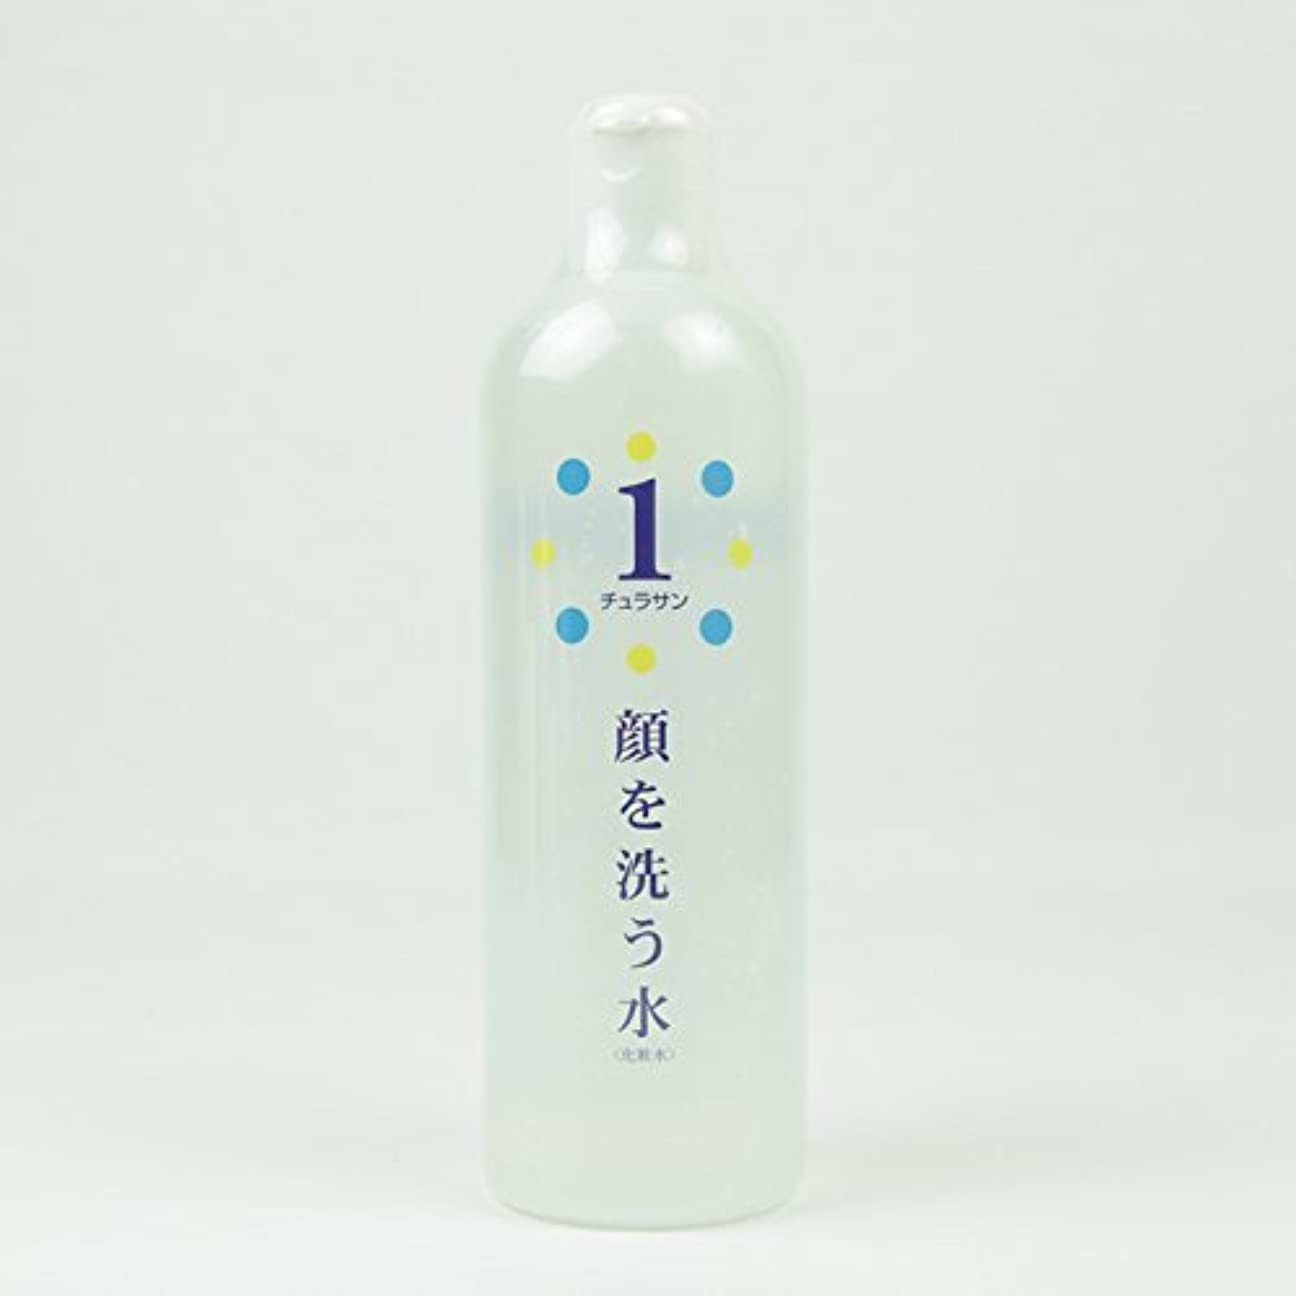 バス吹きさらしアクティブチュラサン1 【顔を洗う水】 500ml